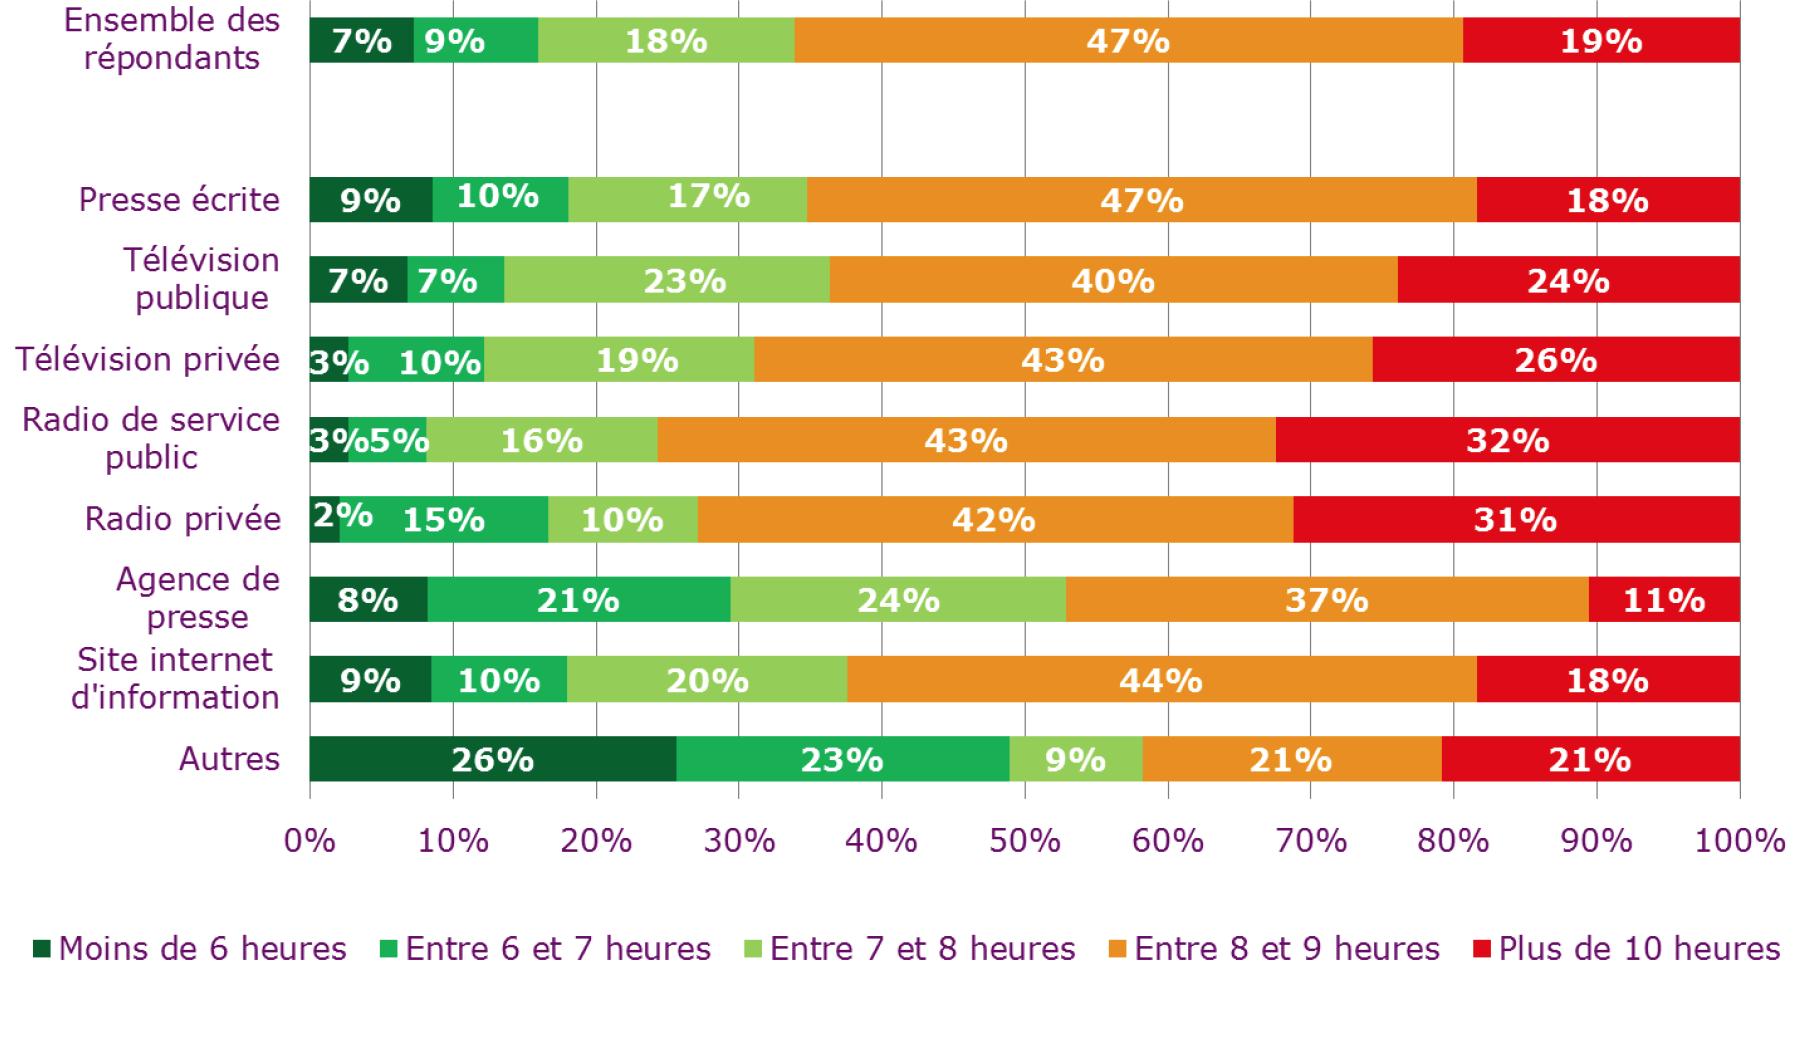 Avec plus de 60% de la population travaillant plus de 8 heures par jour (dont près de 20% travaillent au delà de 10 heures), le journalisme, tel qu'il se pratique aujourd'hui en France, se situe au-delà des normes